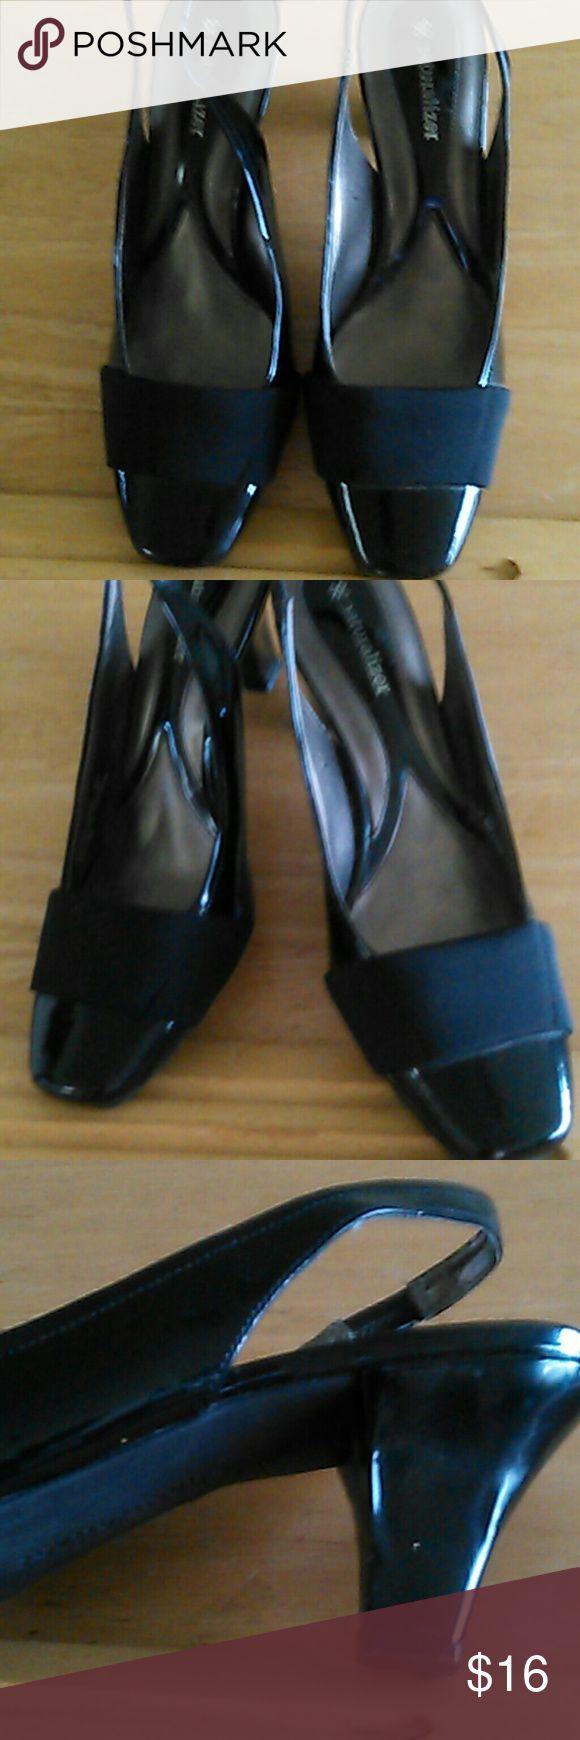 Naturalizer Ladies Slingbacks, Medium Heels Black patton slingback ladies shoes, size 8 Naturalizer Shoes Heels